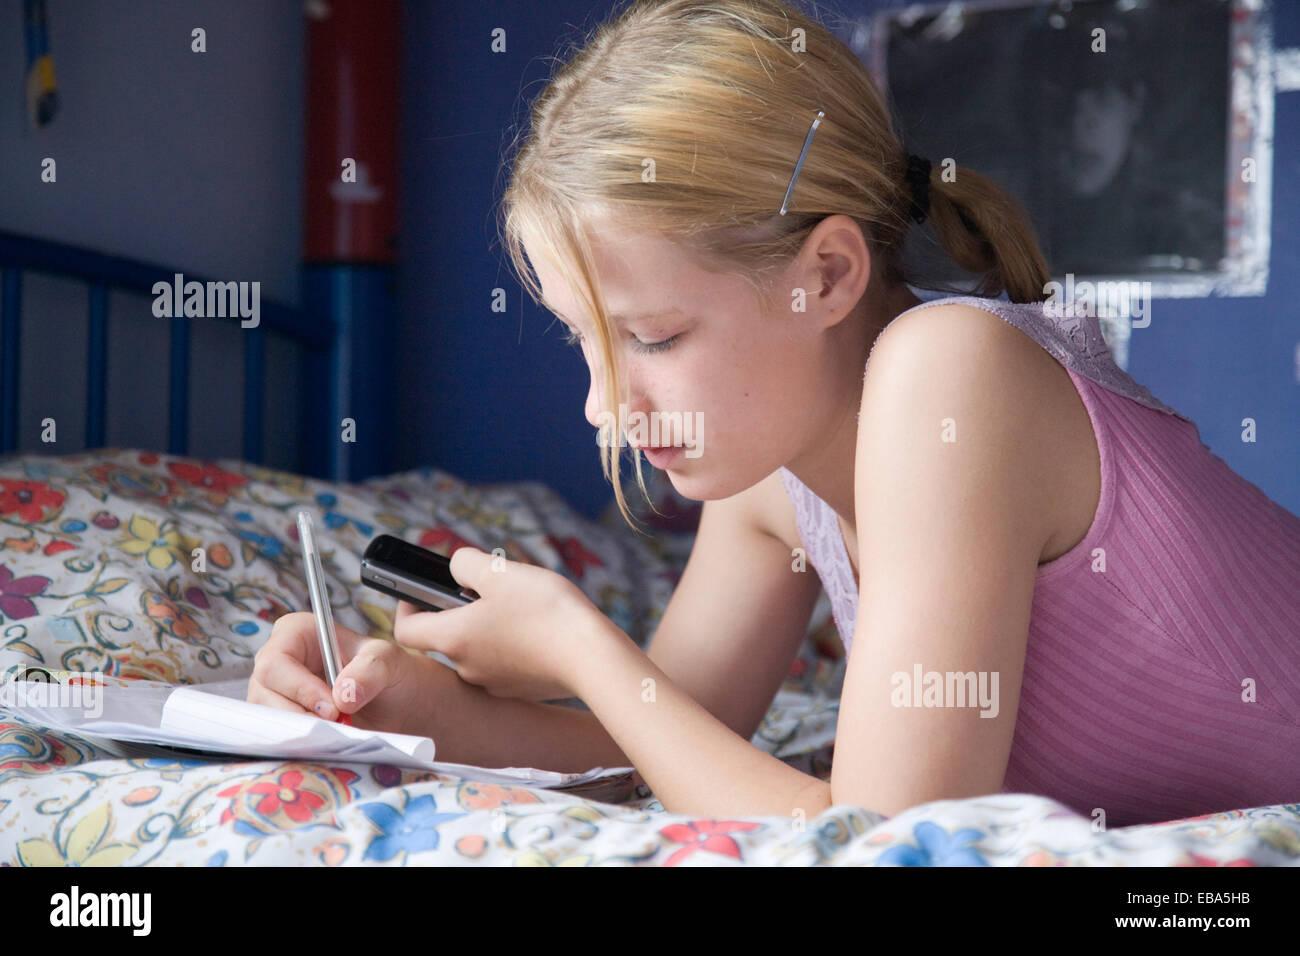 Teenager-Mädchen auf ihrem Bett liegend mit Handy und